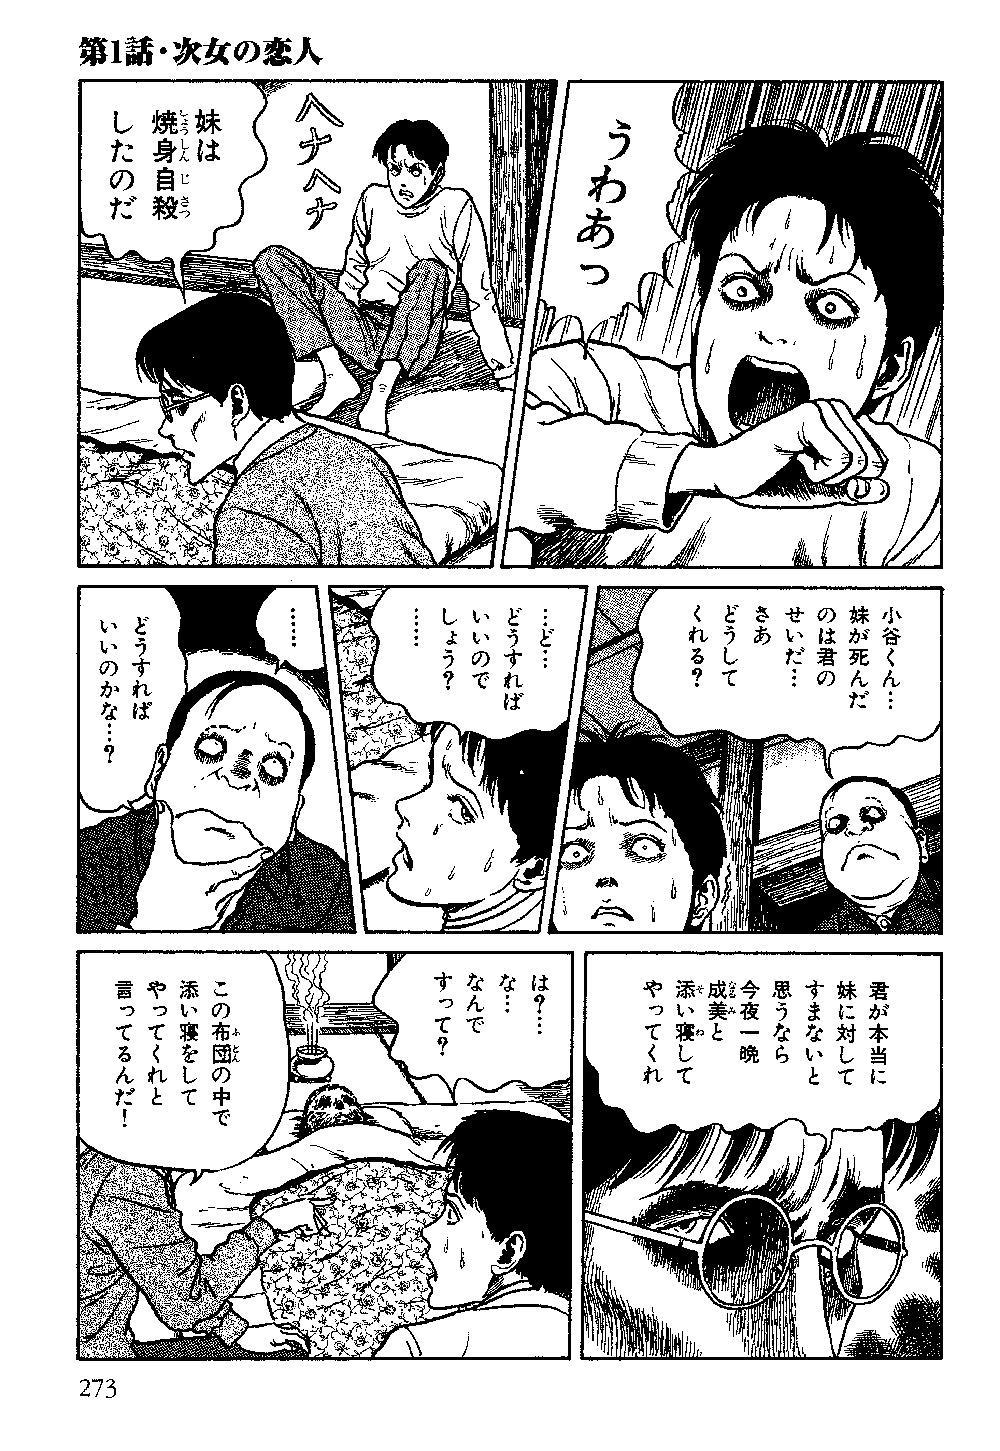 itouj_0004_0275.jpg